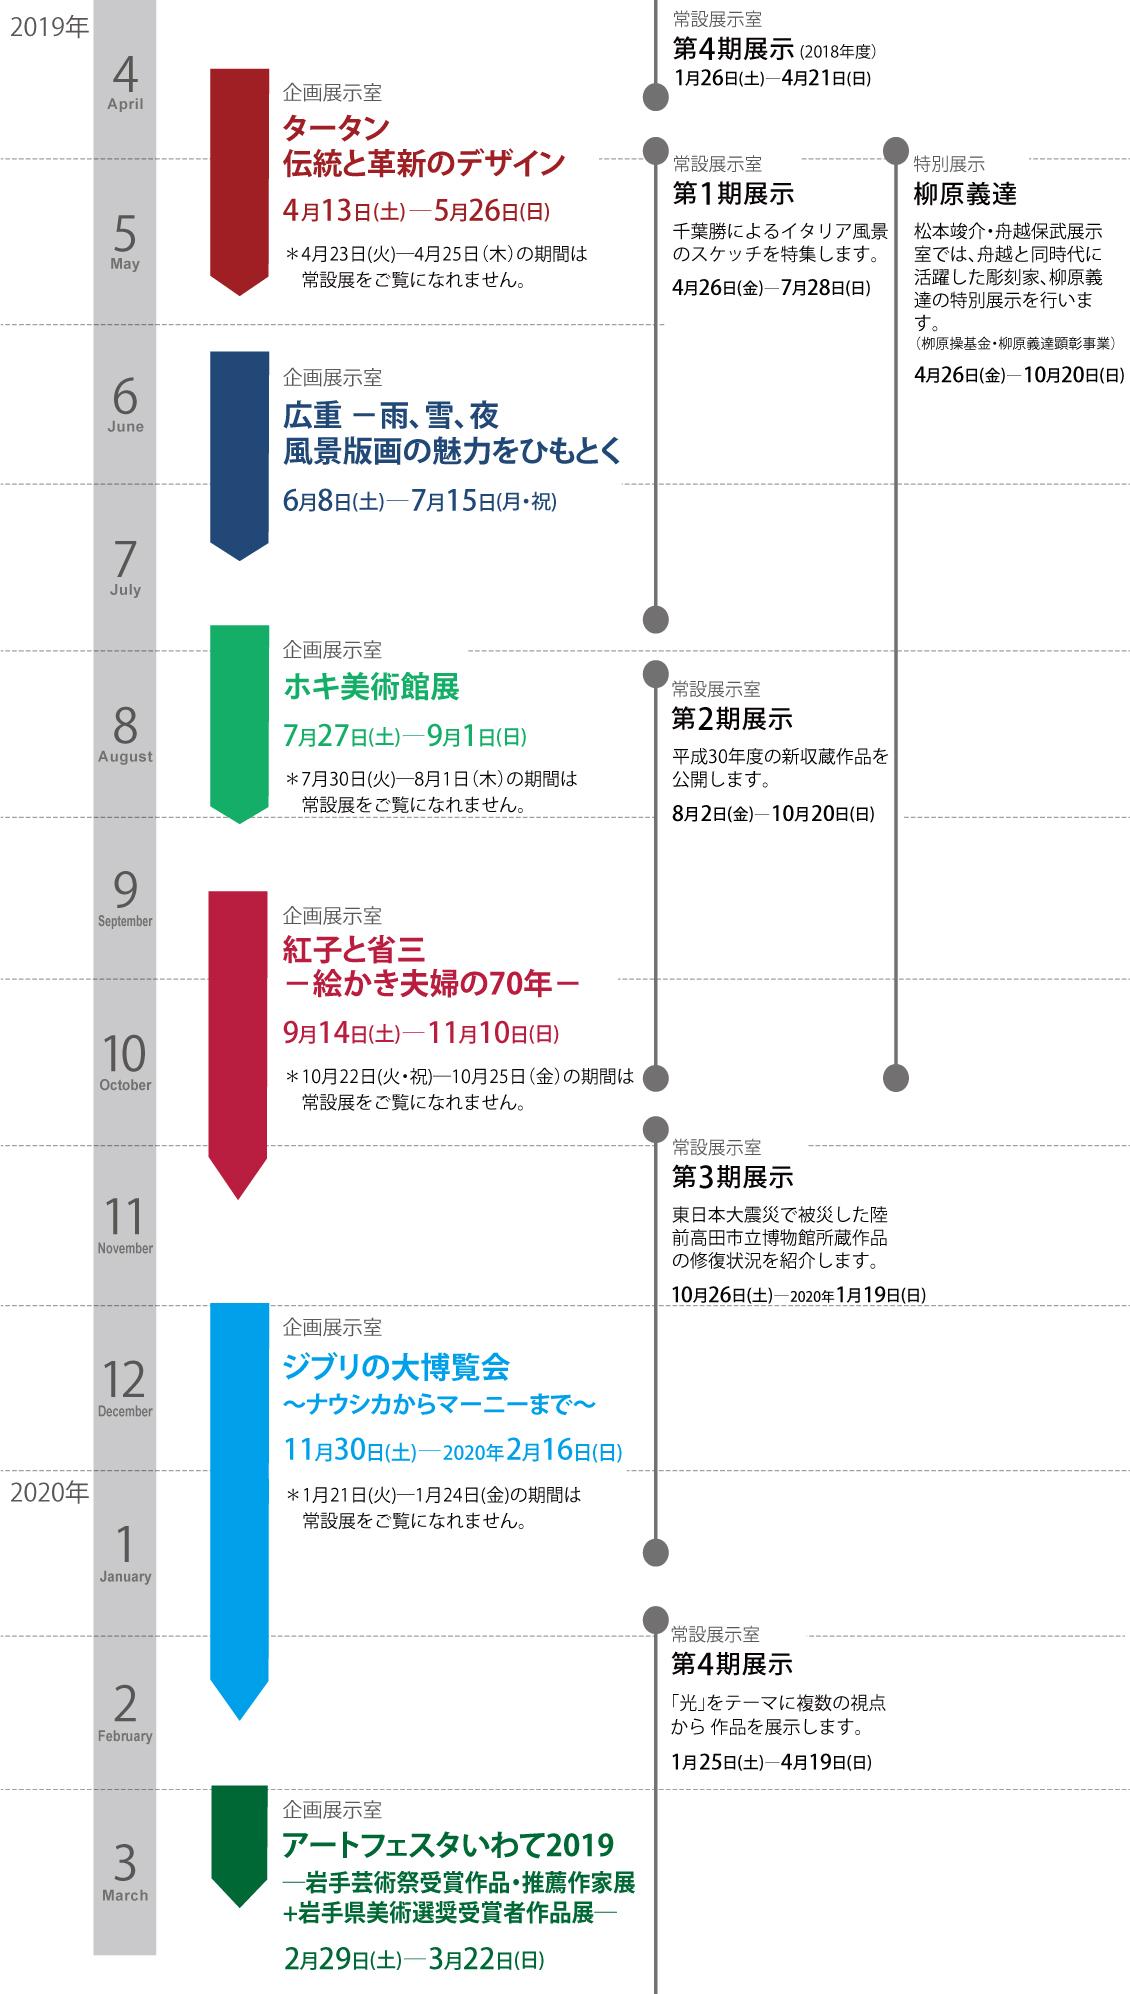 展覧会/年間スケジュール2019-2020